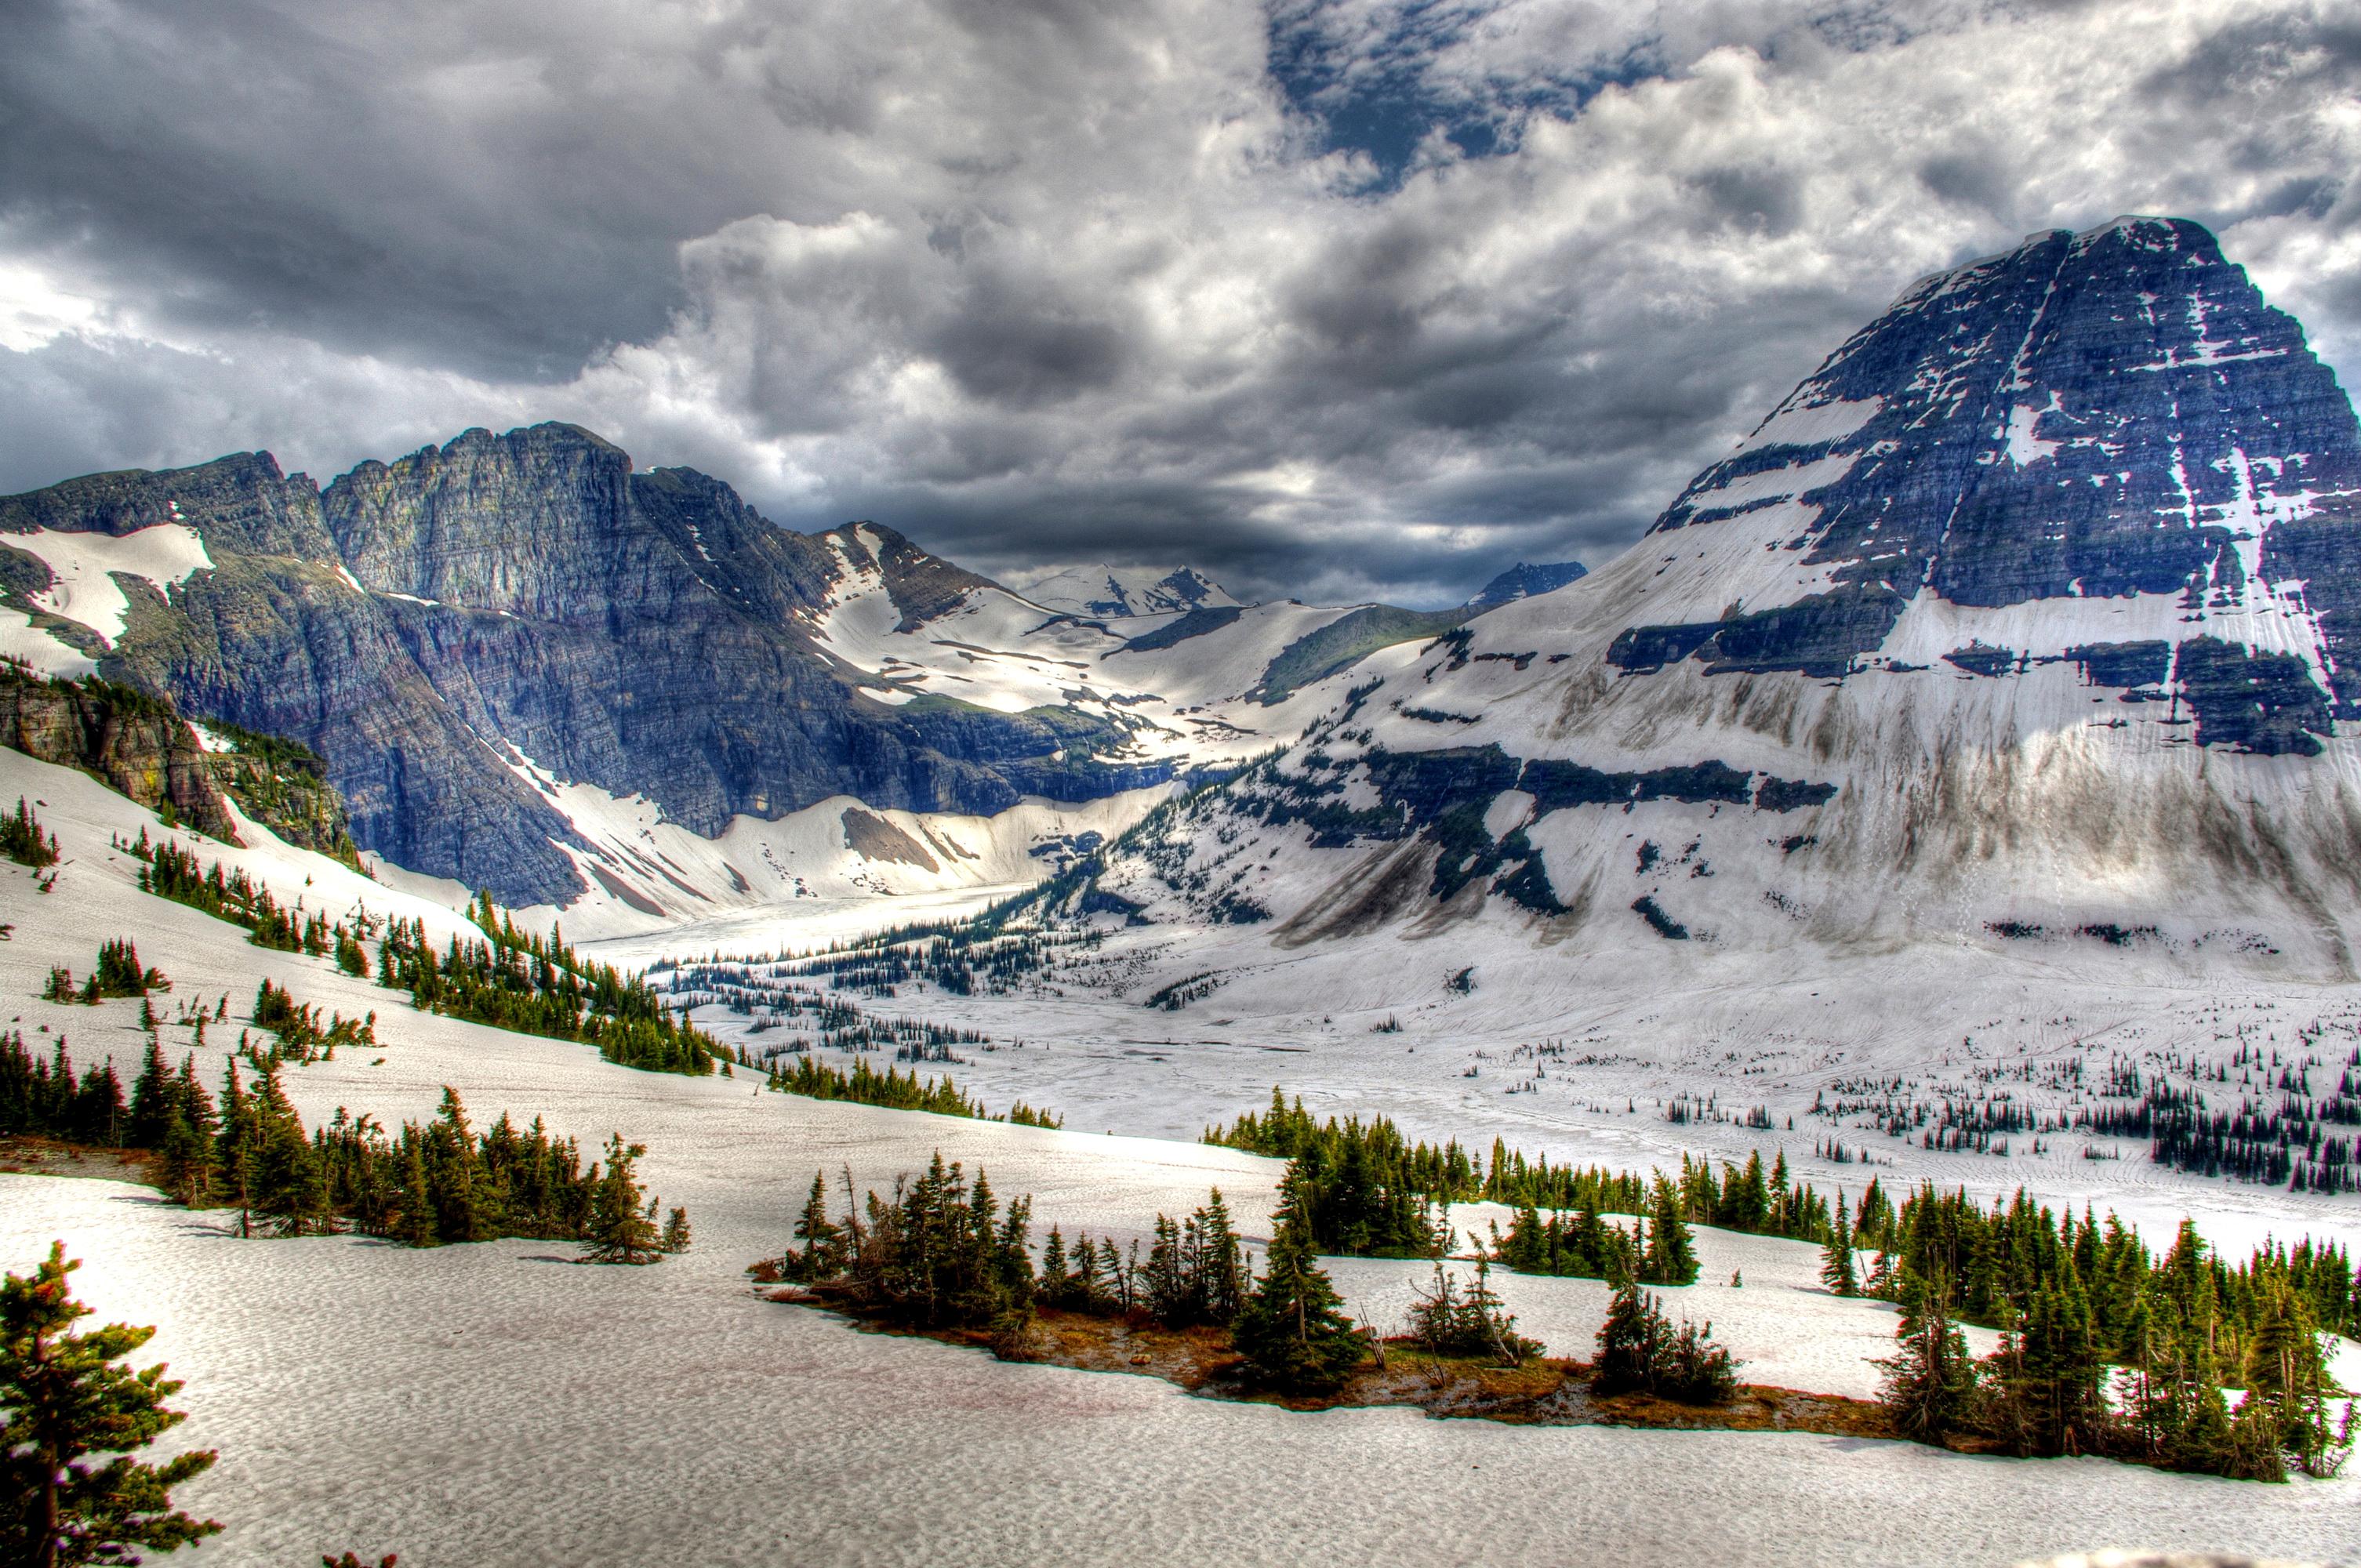 96969壁紙のダウンロード自然, カナダ, 公園, 雪, トップス, 頂点, Hdr, 山脈-スクリーンセーバーと写真を無料で